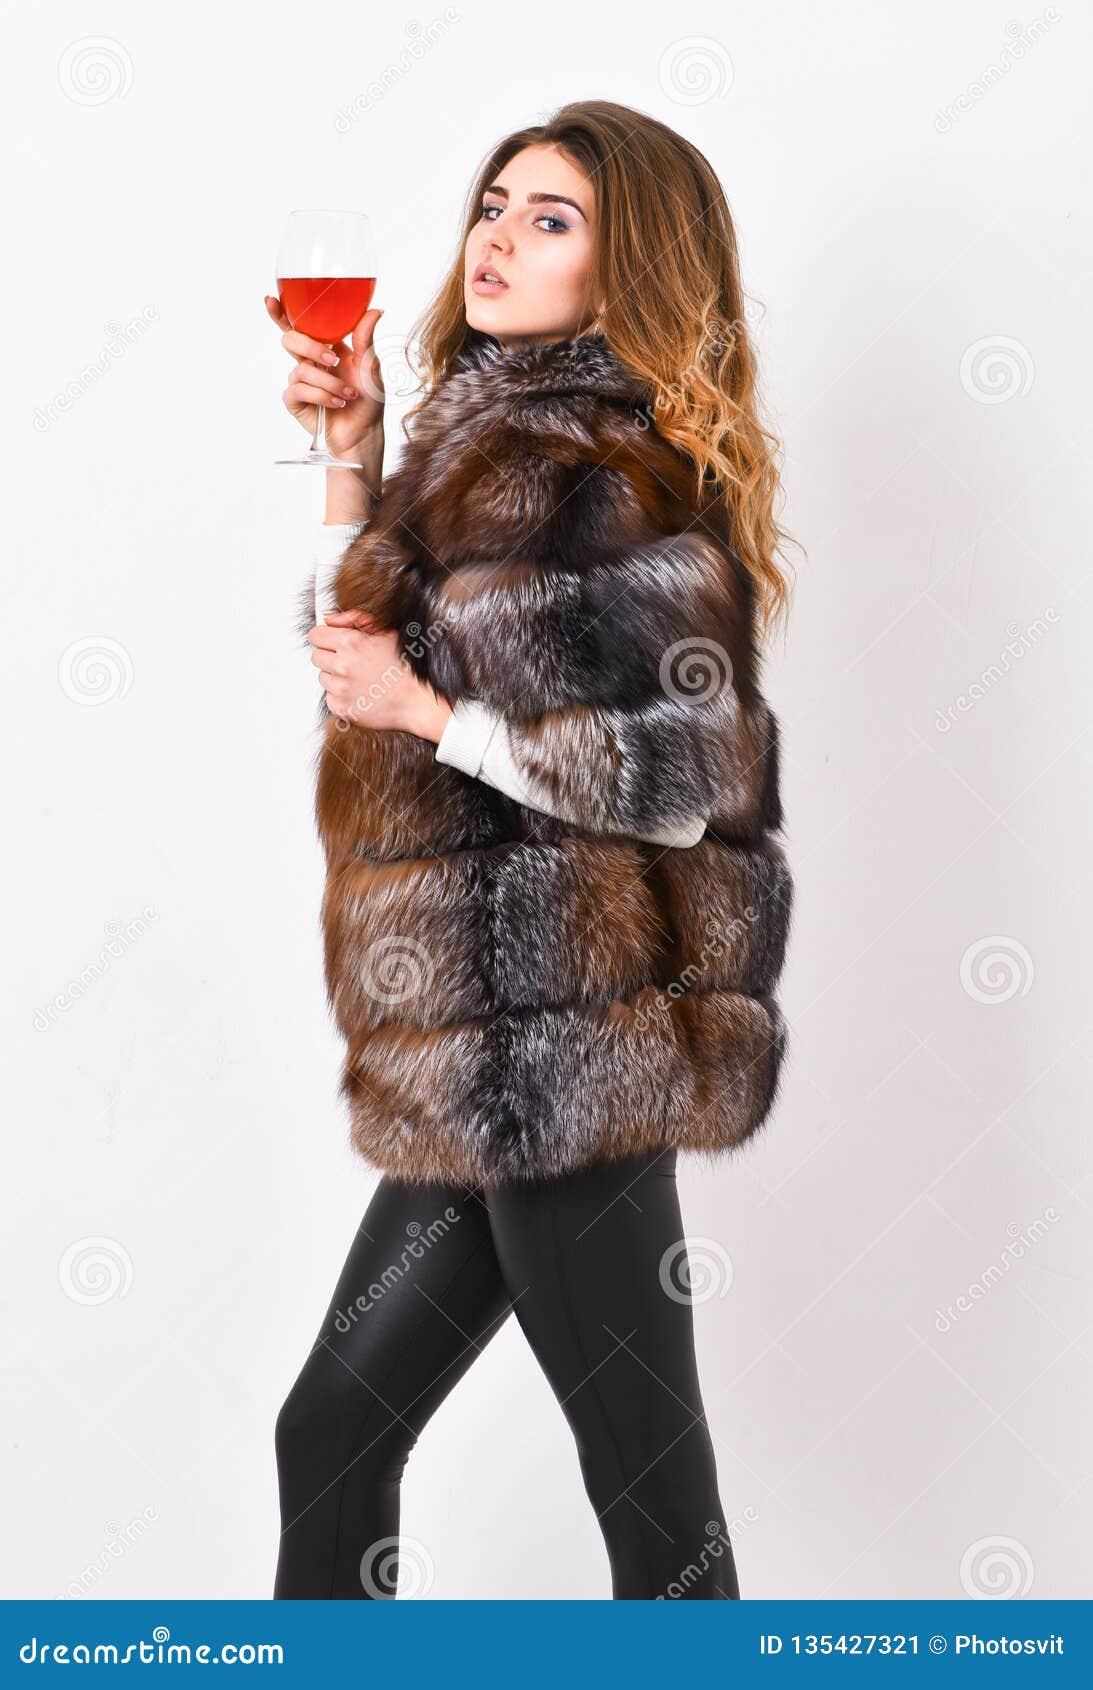 Έννοια πολιτισμού κρασιού η γυναίκα πίνει το κρασί Οινόπνευμα γυαλιού λαβής παλτών γουνών ένδυσης μόδας κοριτσιών makeup Ελεύθερο